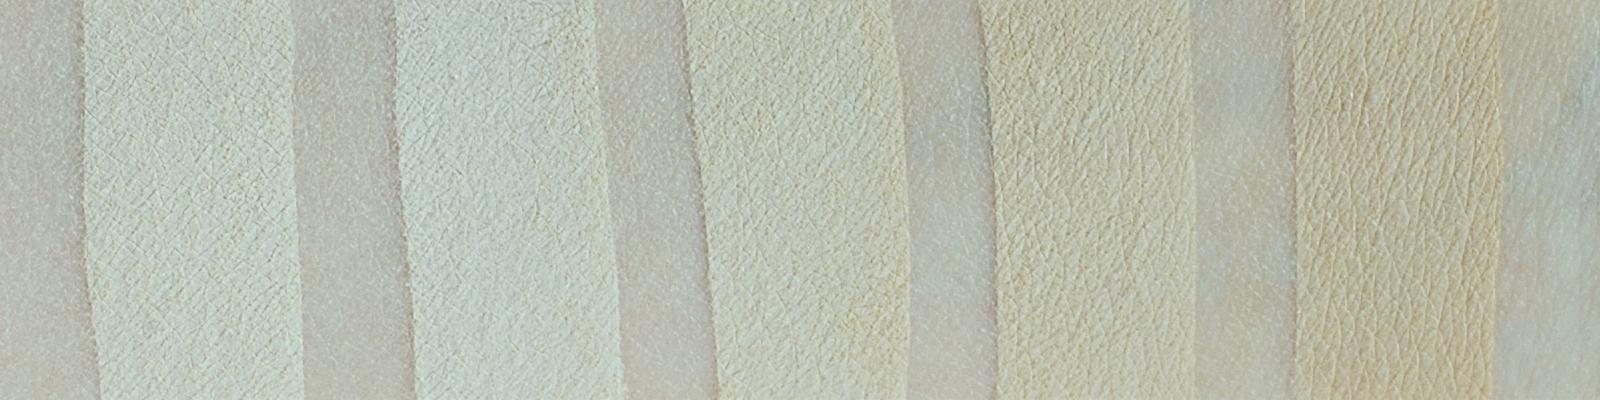 amilie mineral cosmetics satin podkład mineralny rozświetlający podkład mineralny dla suchej skóry ivory latte cashmere summer sand caramel swatche